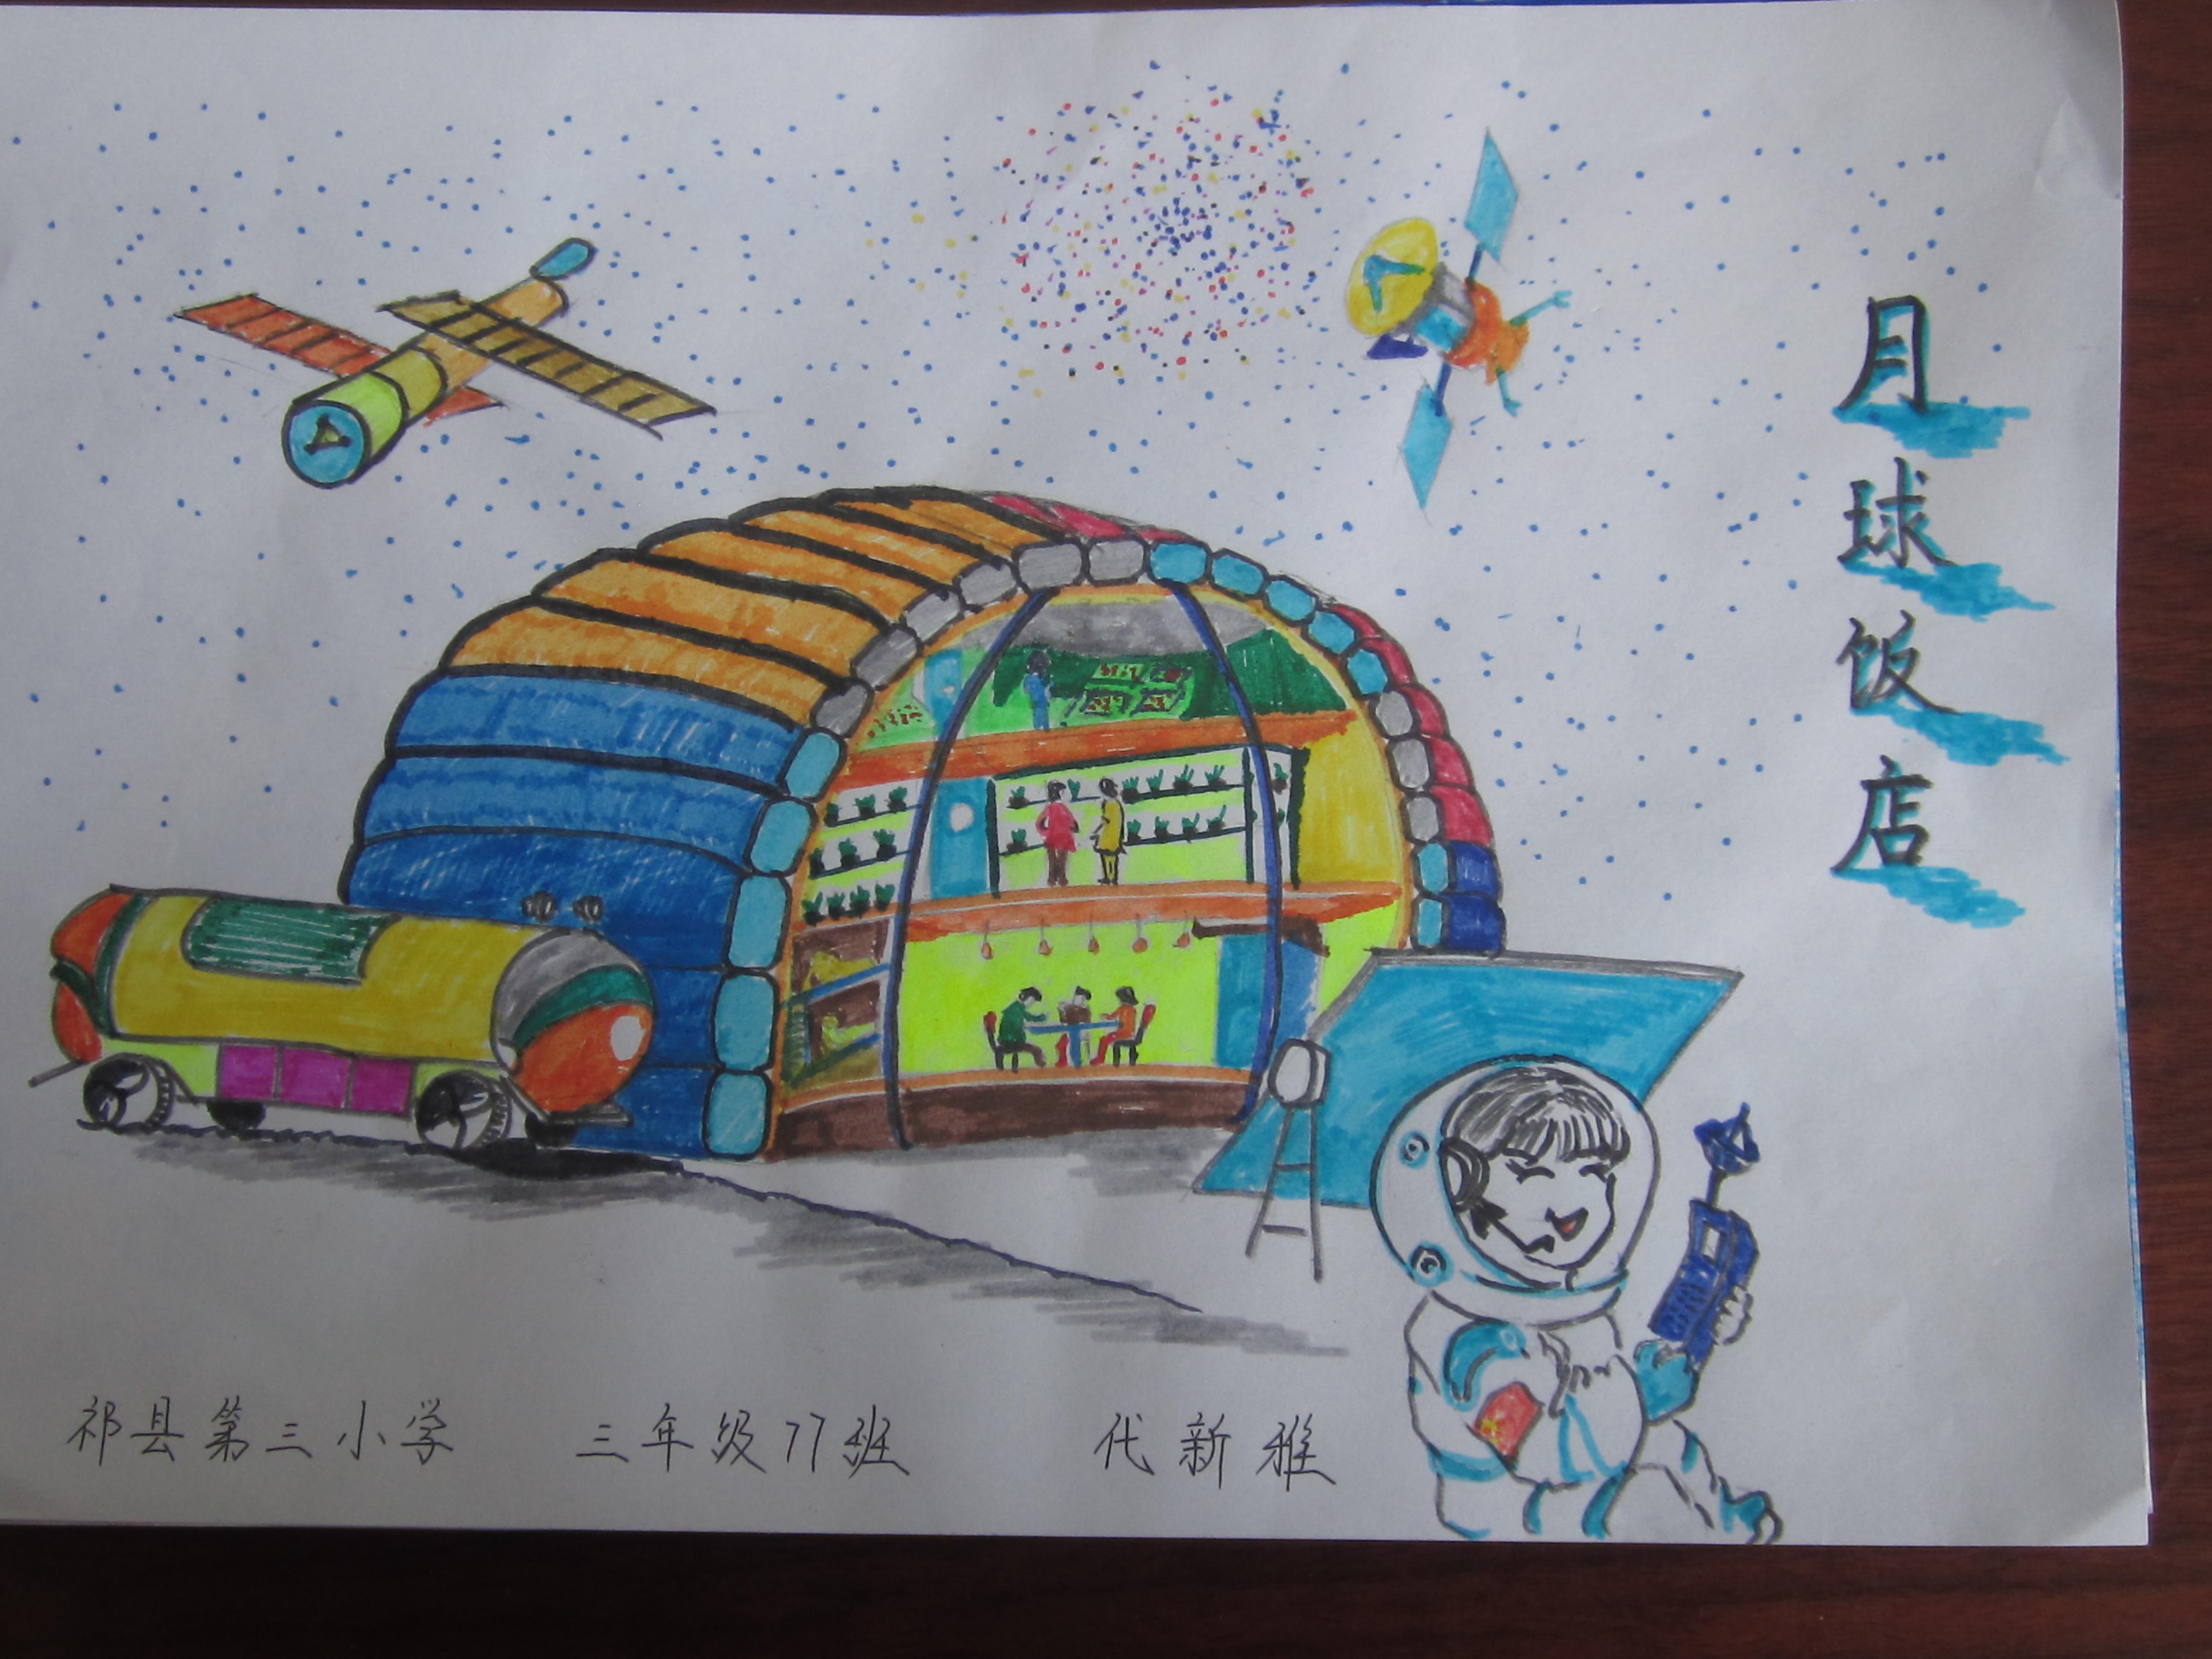 祁县第三小学蓝色科技梦绘画作品选图片